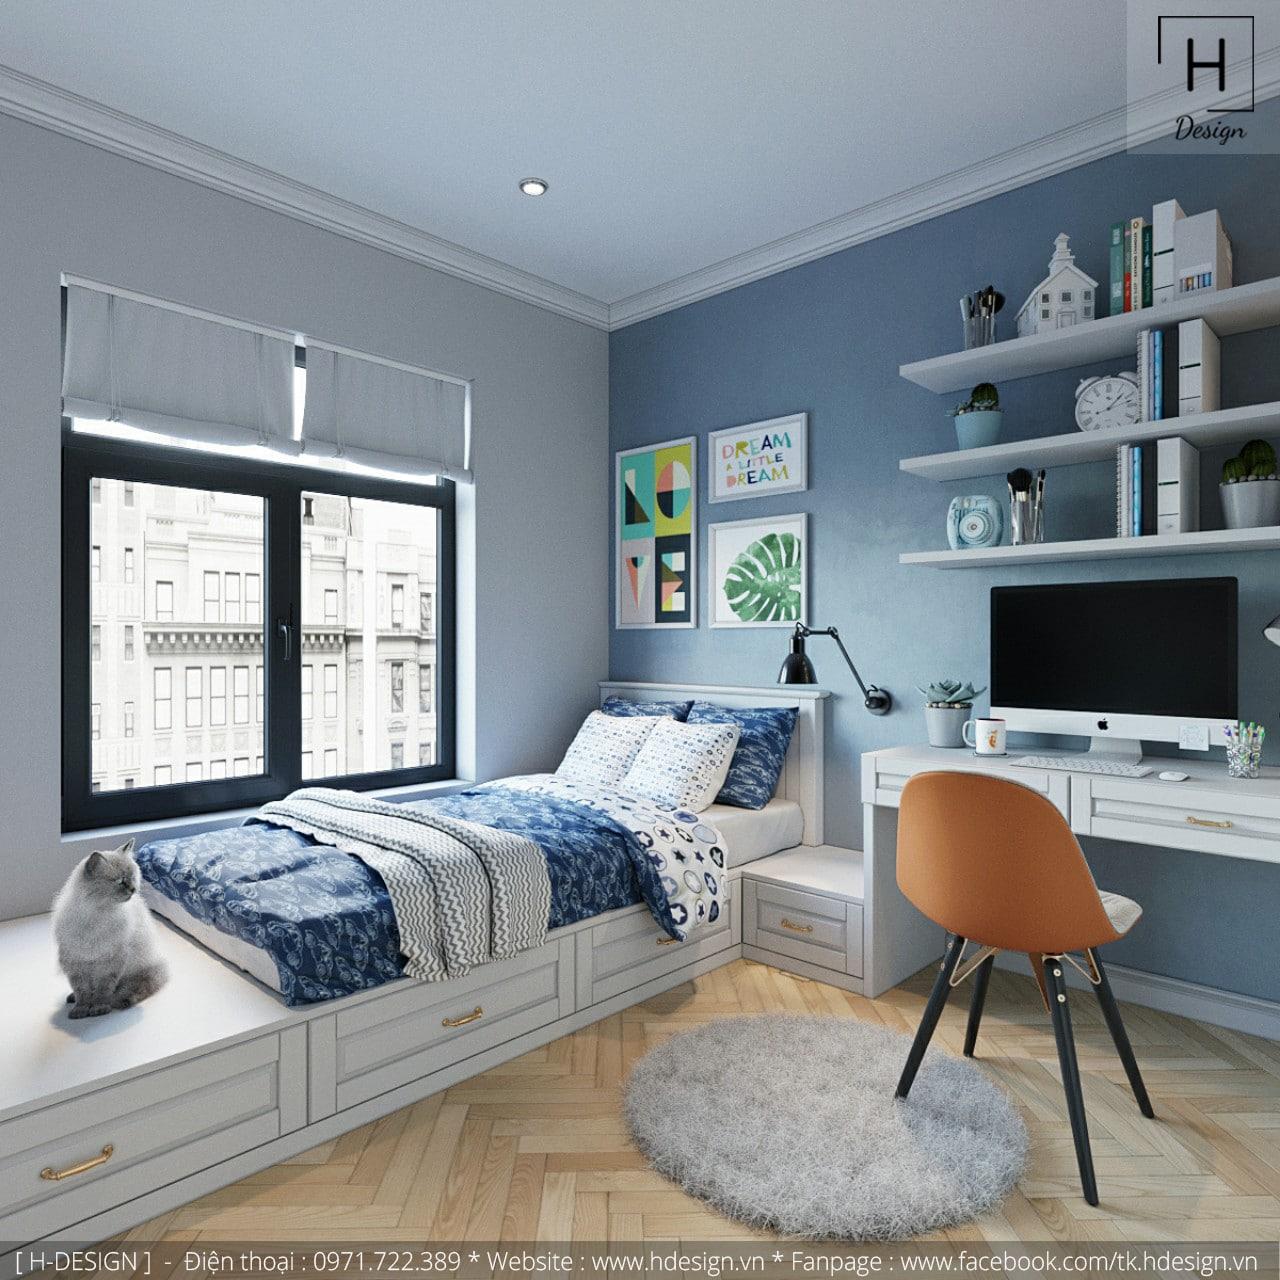 Thiết kế thi công nội thất chung cư Kosmo tại Hà Nội 8